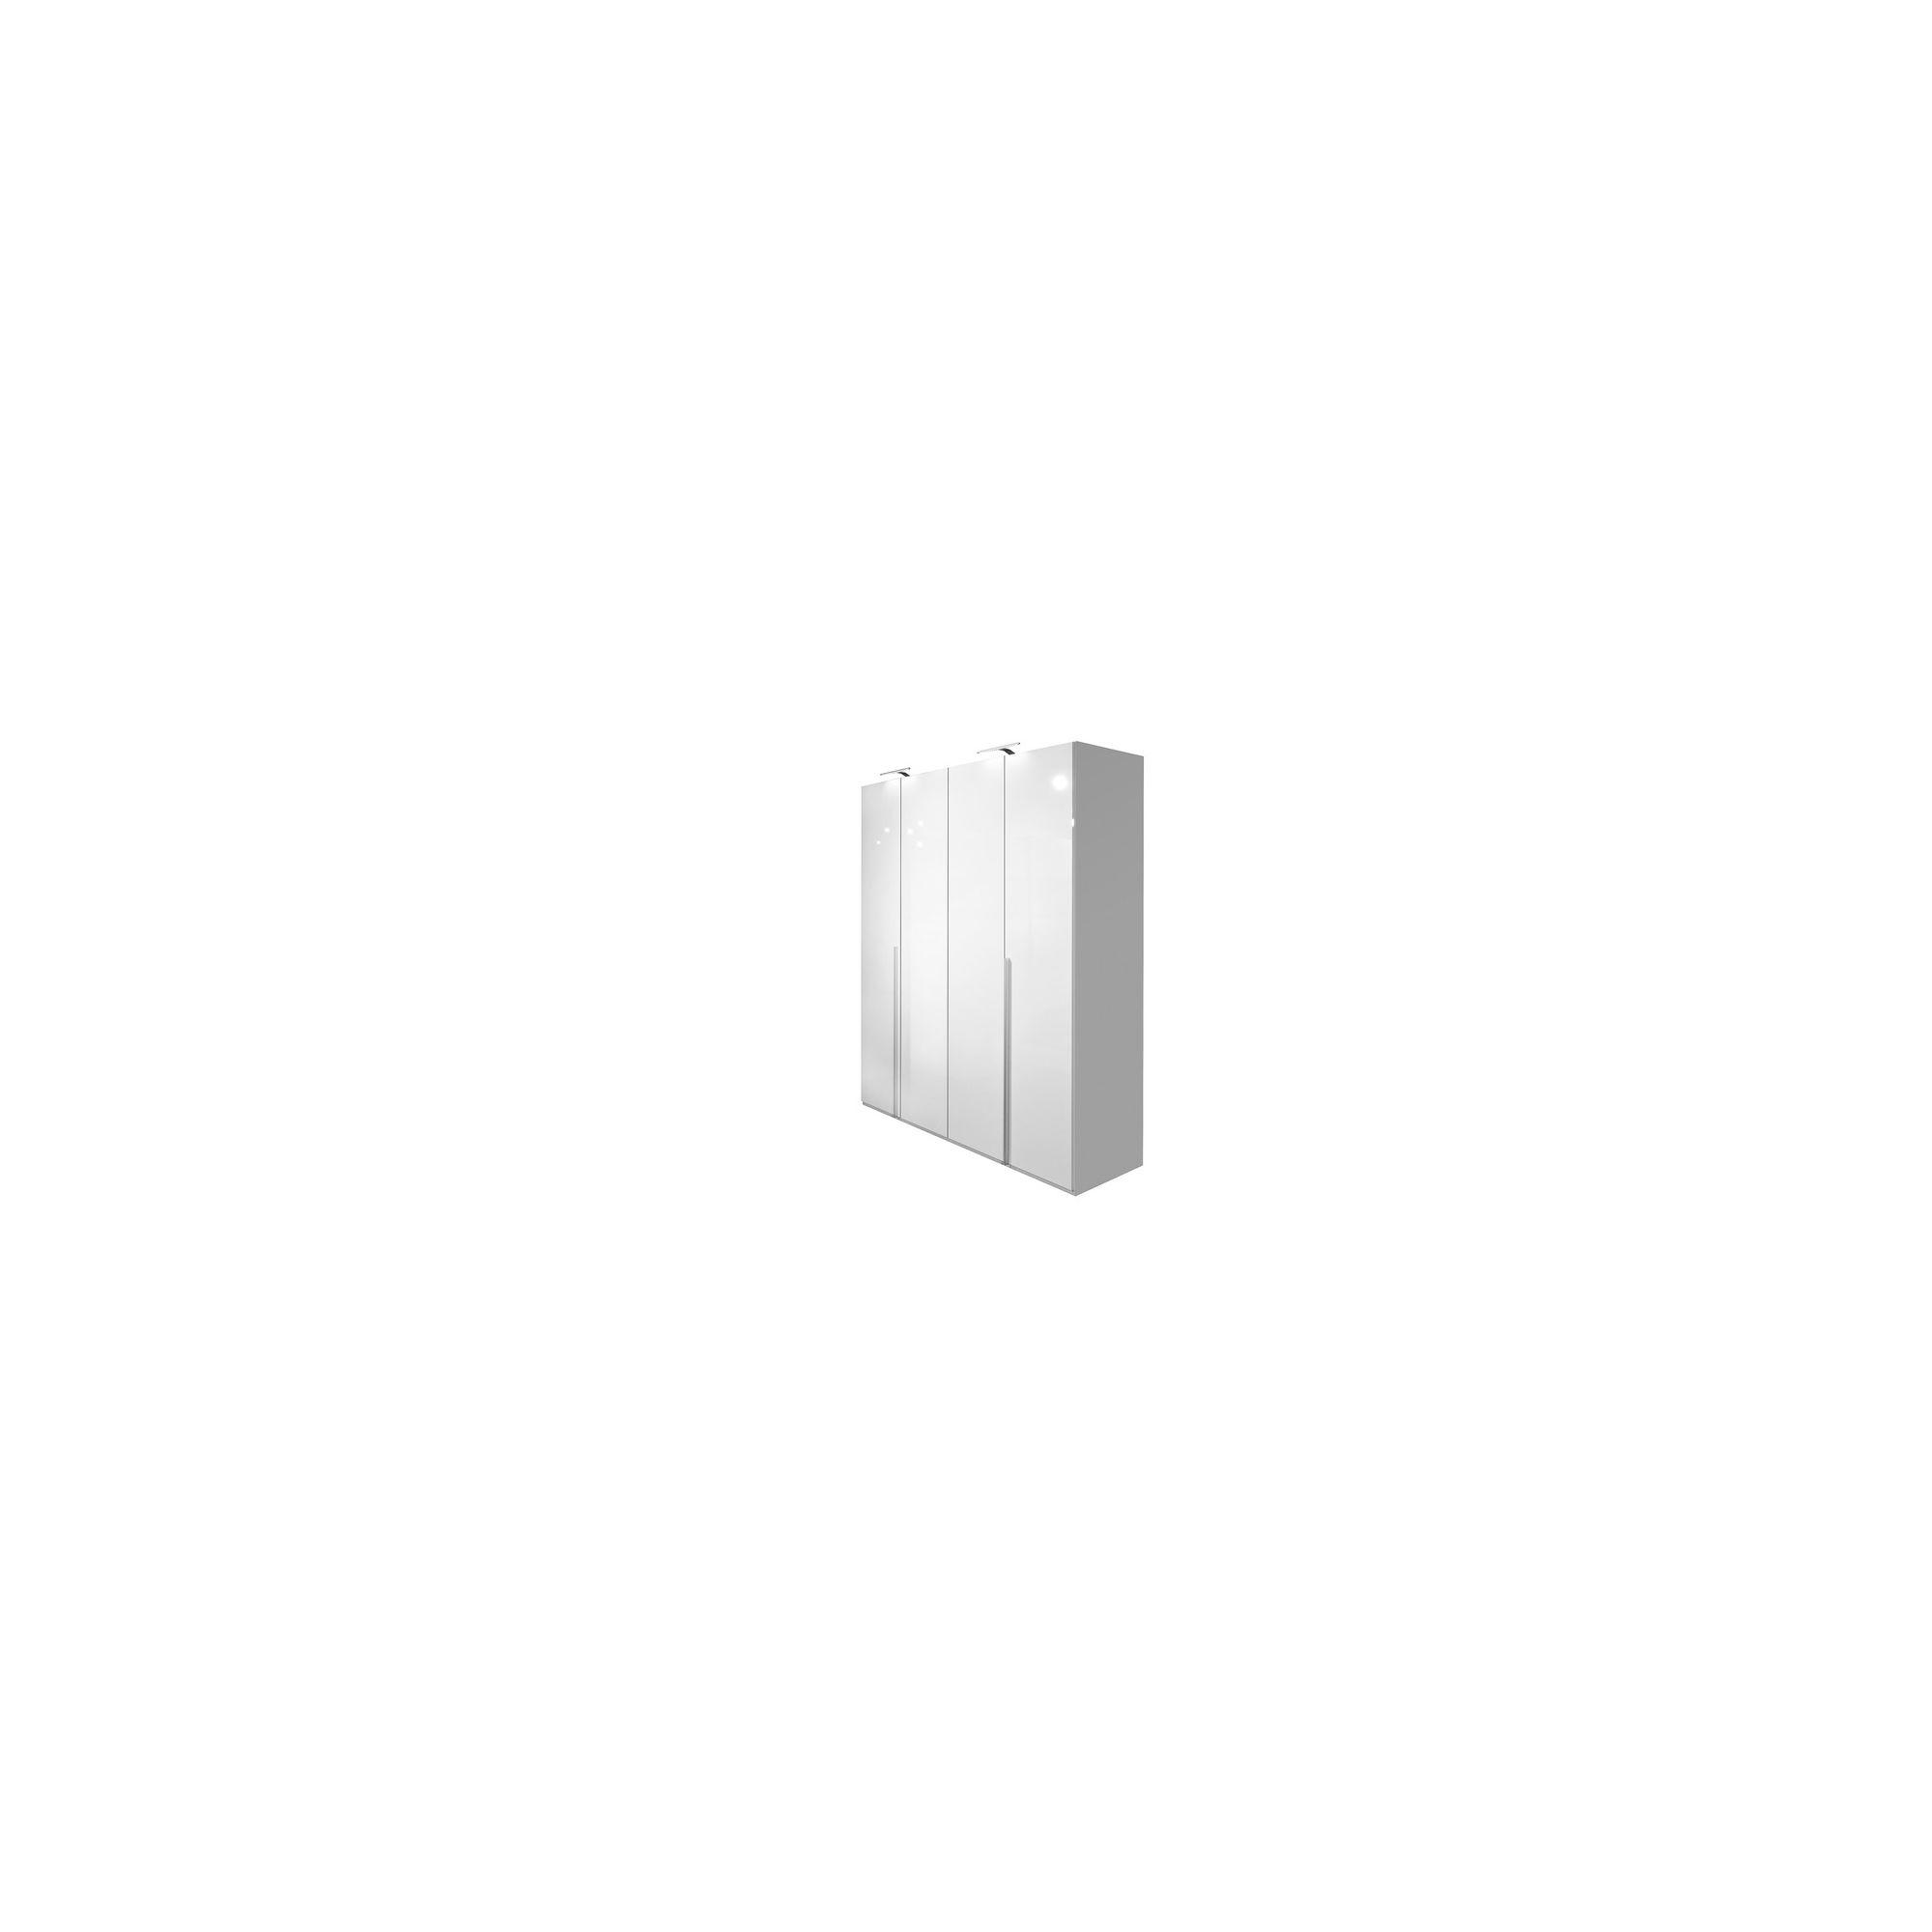 Arte-M King Folding Door Wardrobe at Tesco Direct